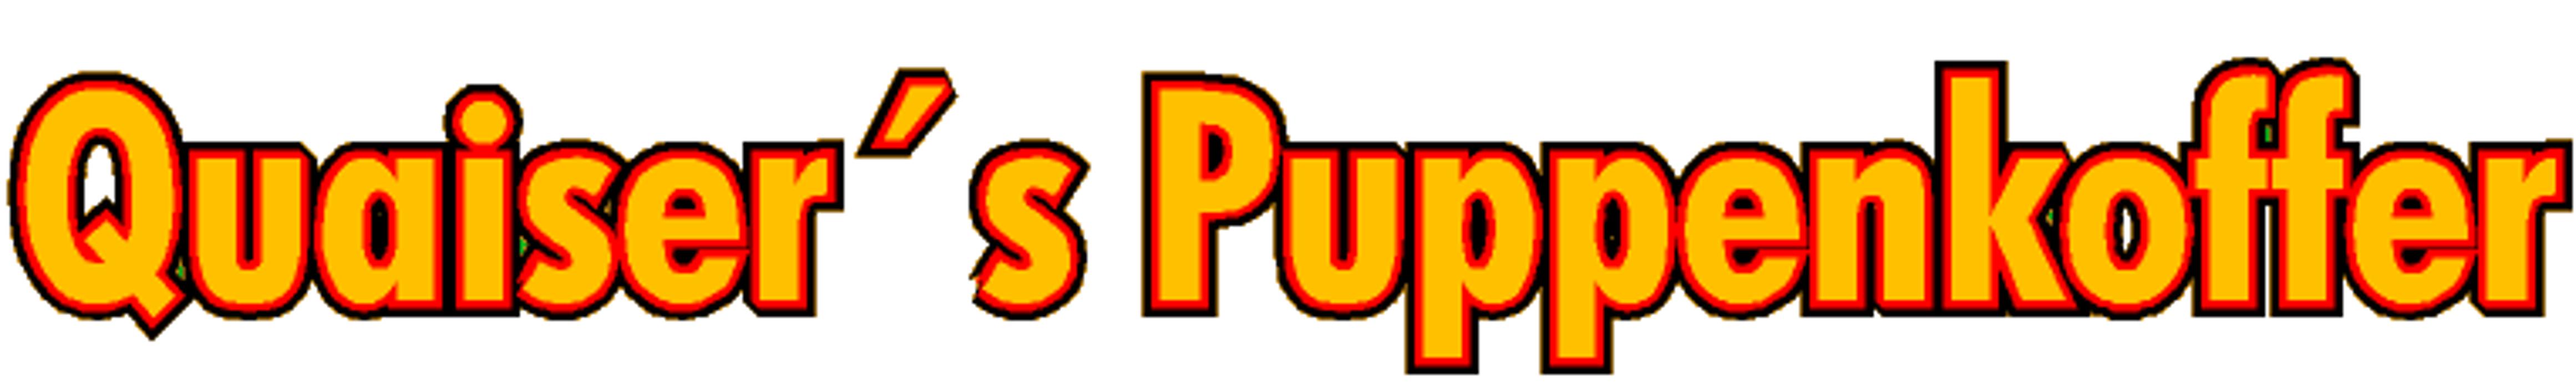 Logo von Quaisers Puppenkoffer